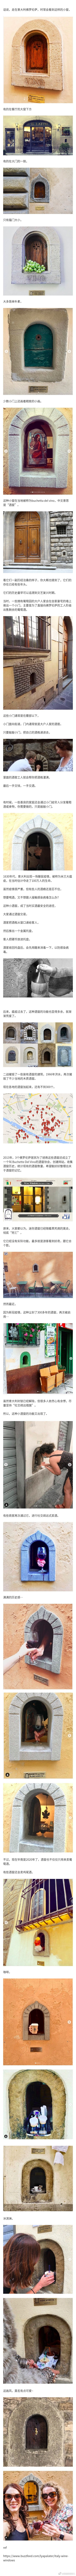 """意大利1630年代黑死病时期使用的'酒窗',因为新冠,重新""""复活""""了… """